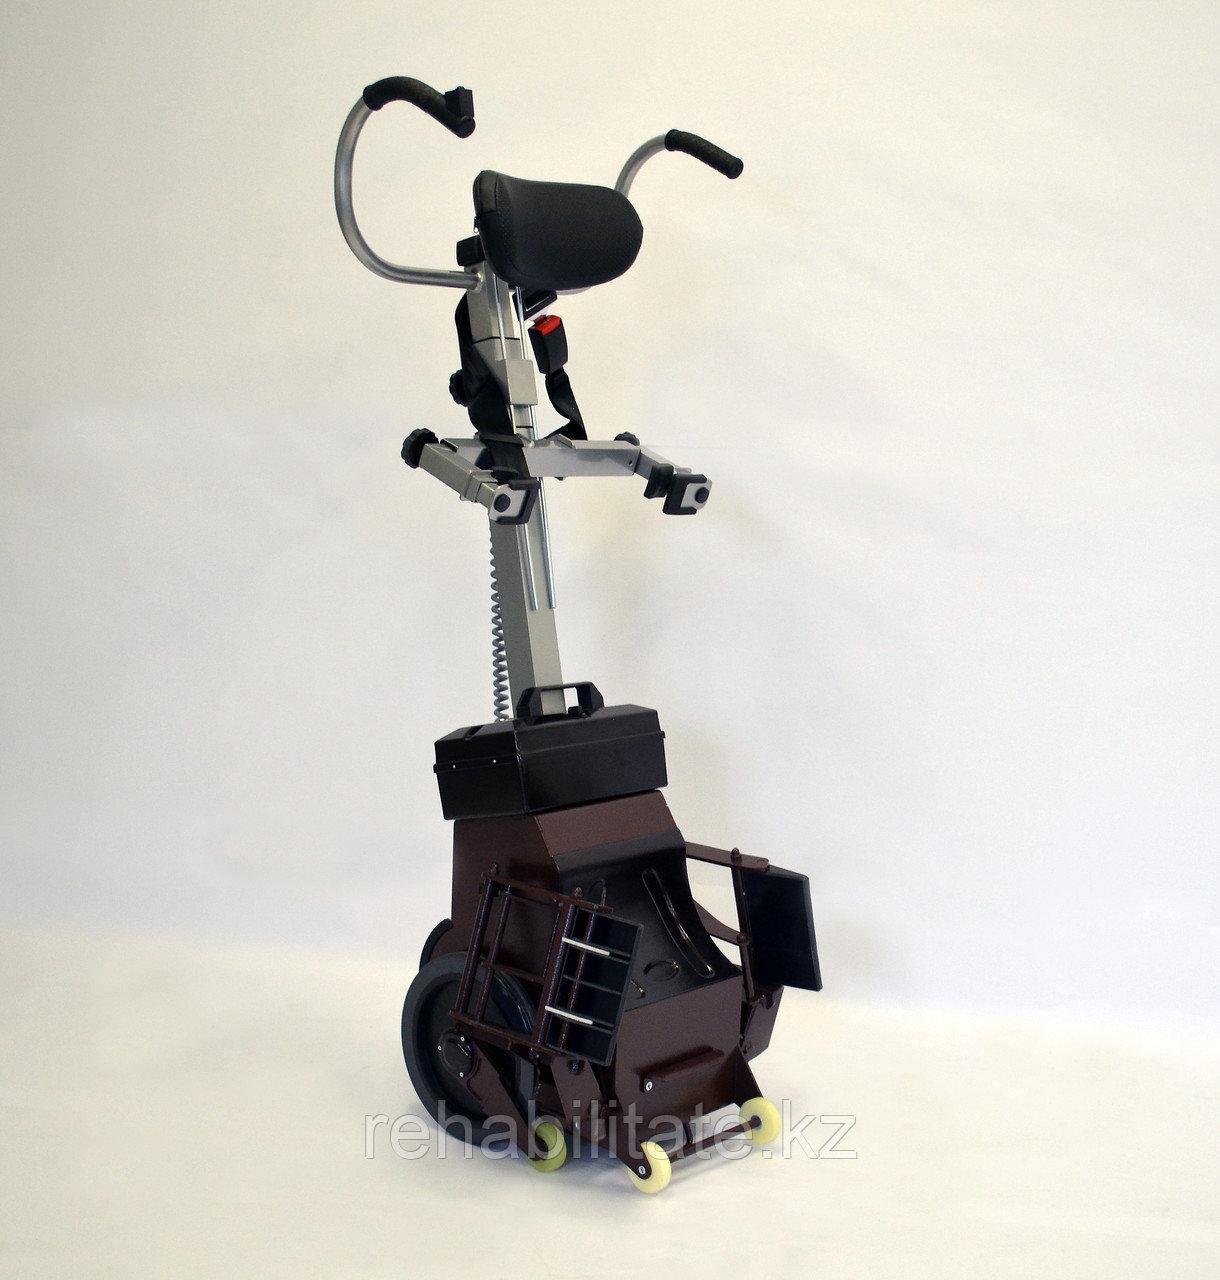 Лестничный шагающий подъемник для инвалидов ПУМА УНИ 130